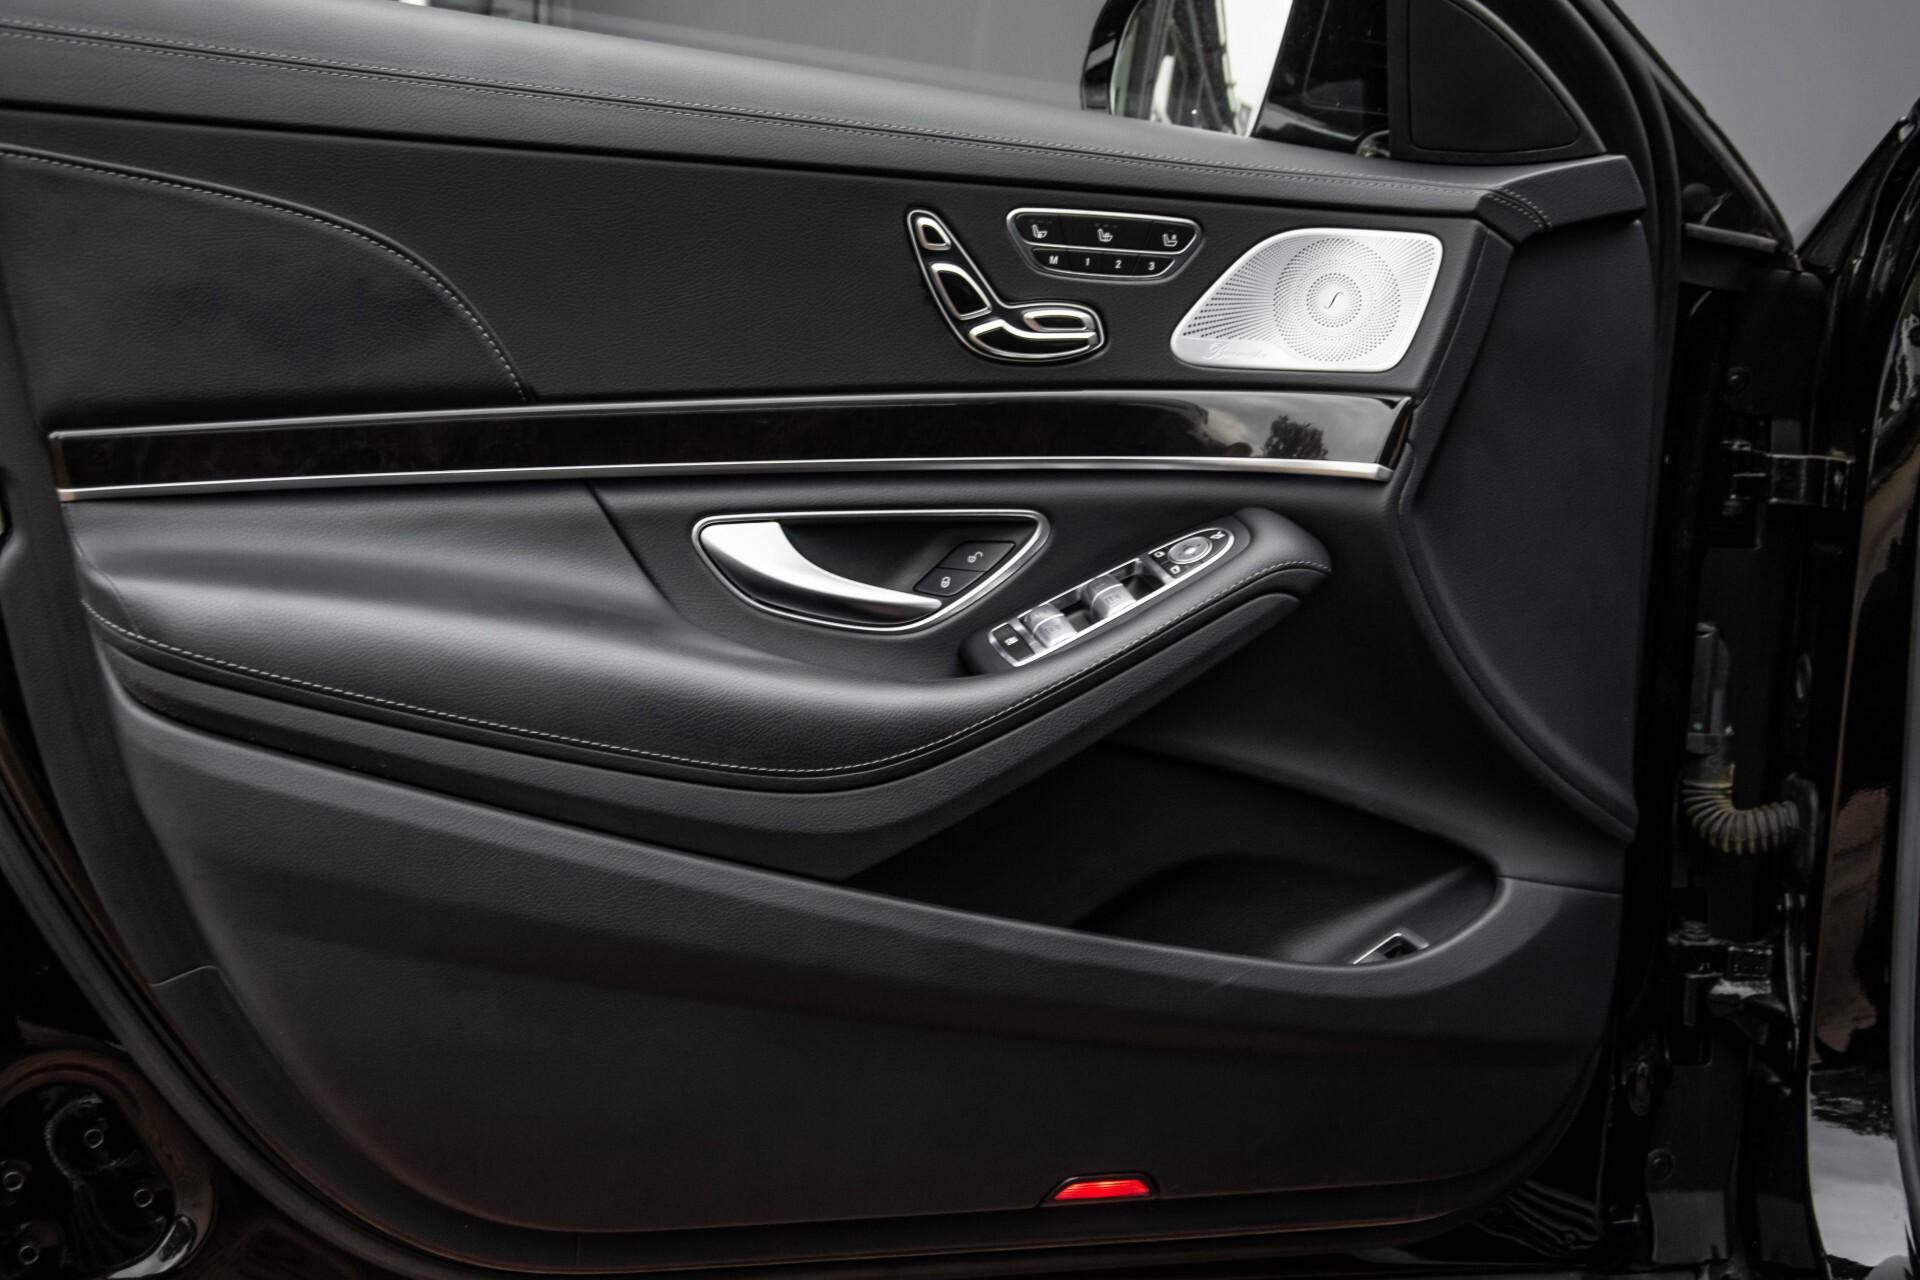 Mercedes-Benz S-Klasse 500 4-M AMG Panorama/Standkachel/Massage/Entertainment/TV Aut7 Foto 21